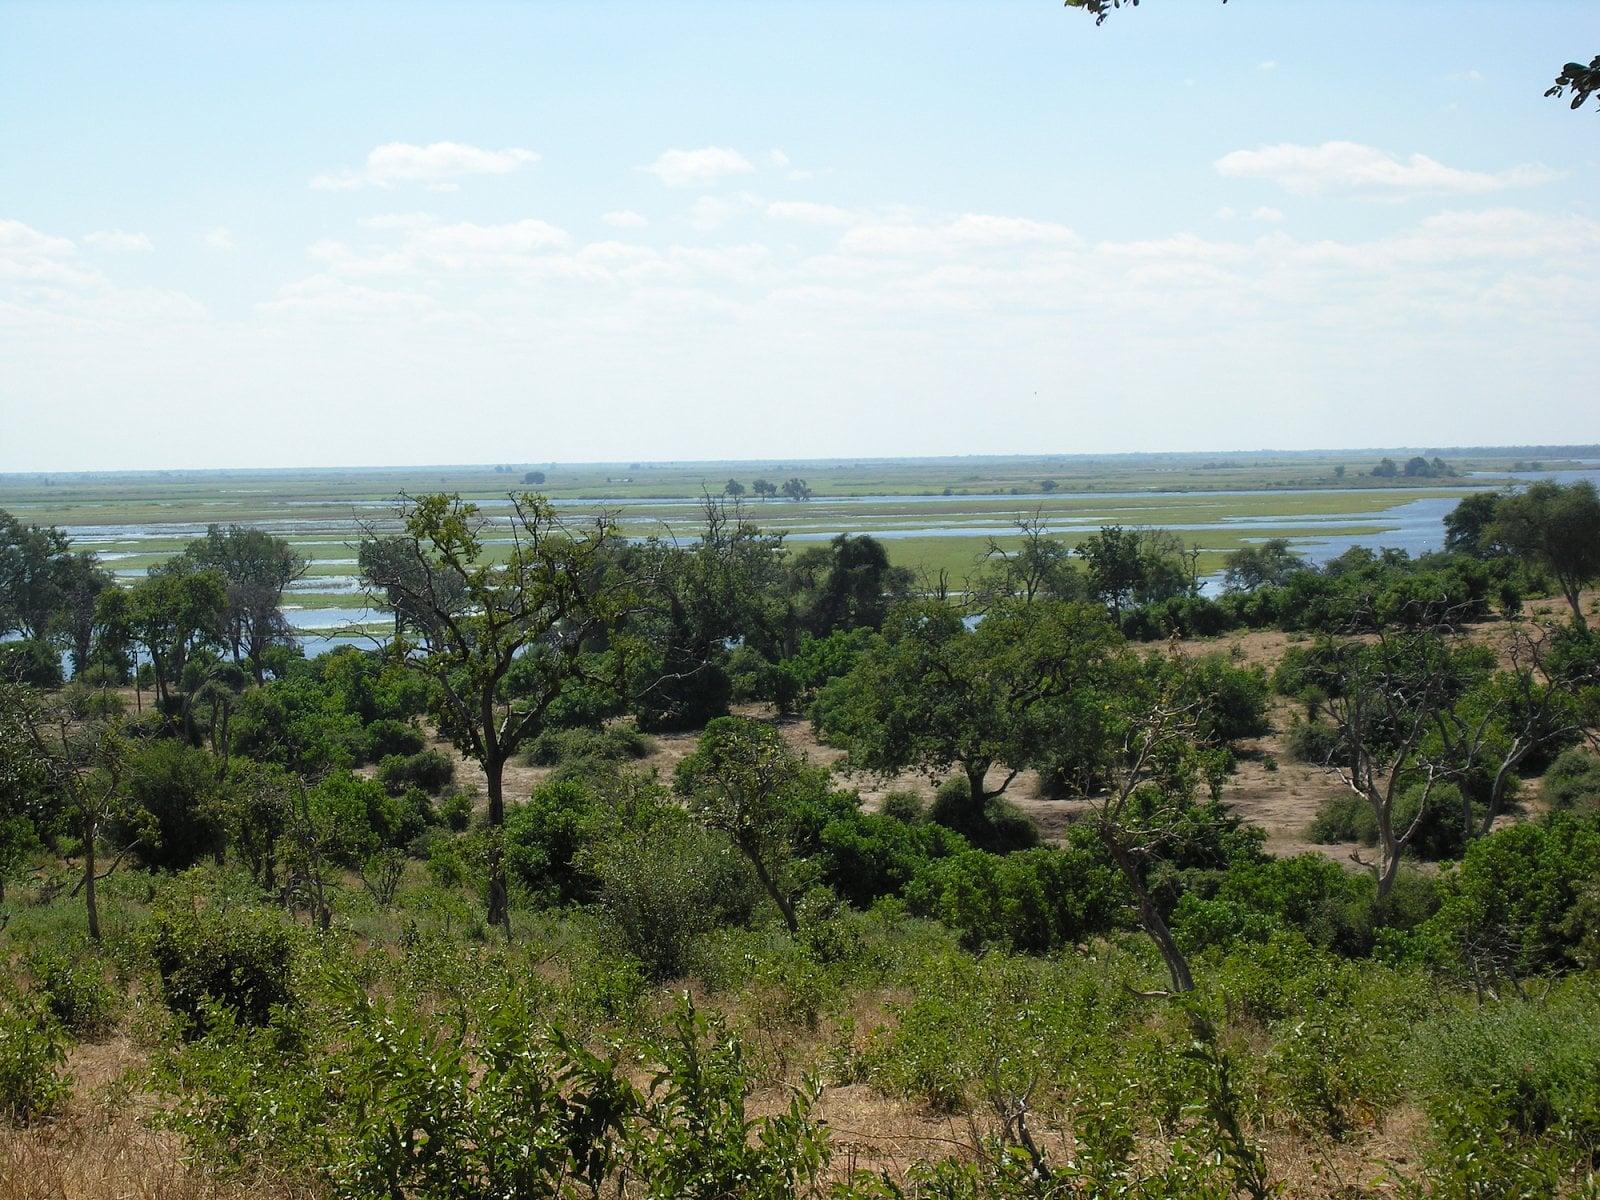 Botswana, Chobe